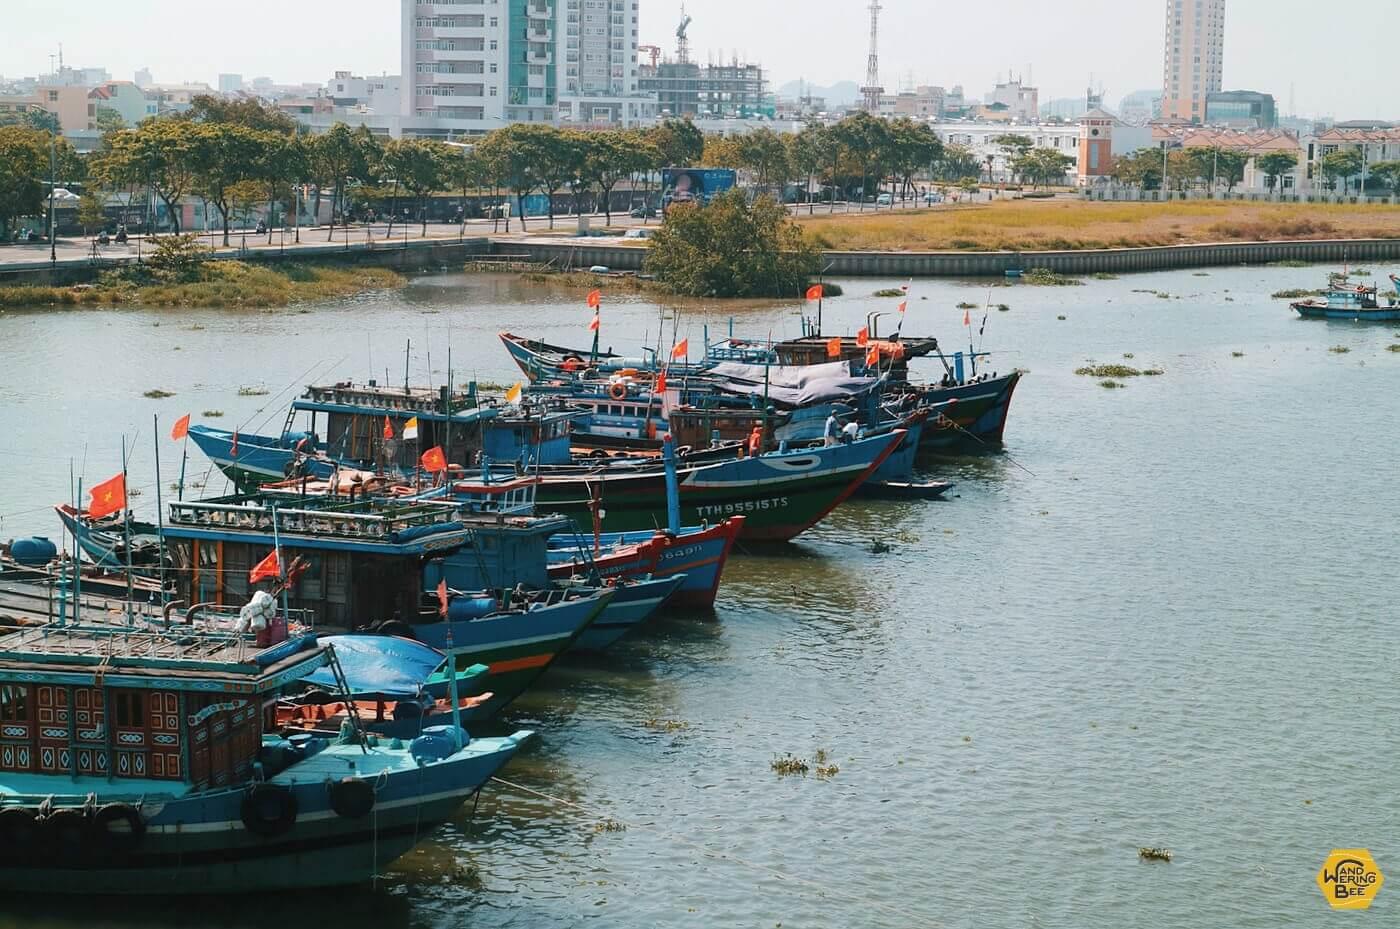 開発と観光の中心部であるハン川周辺